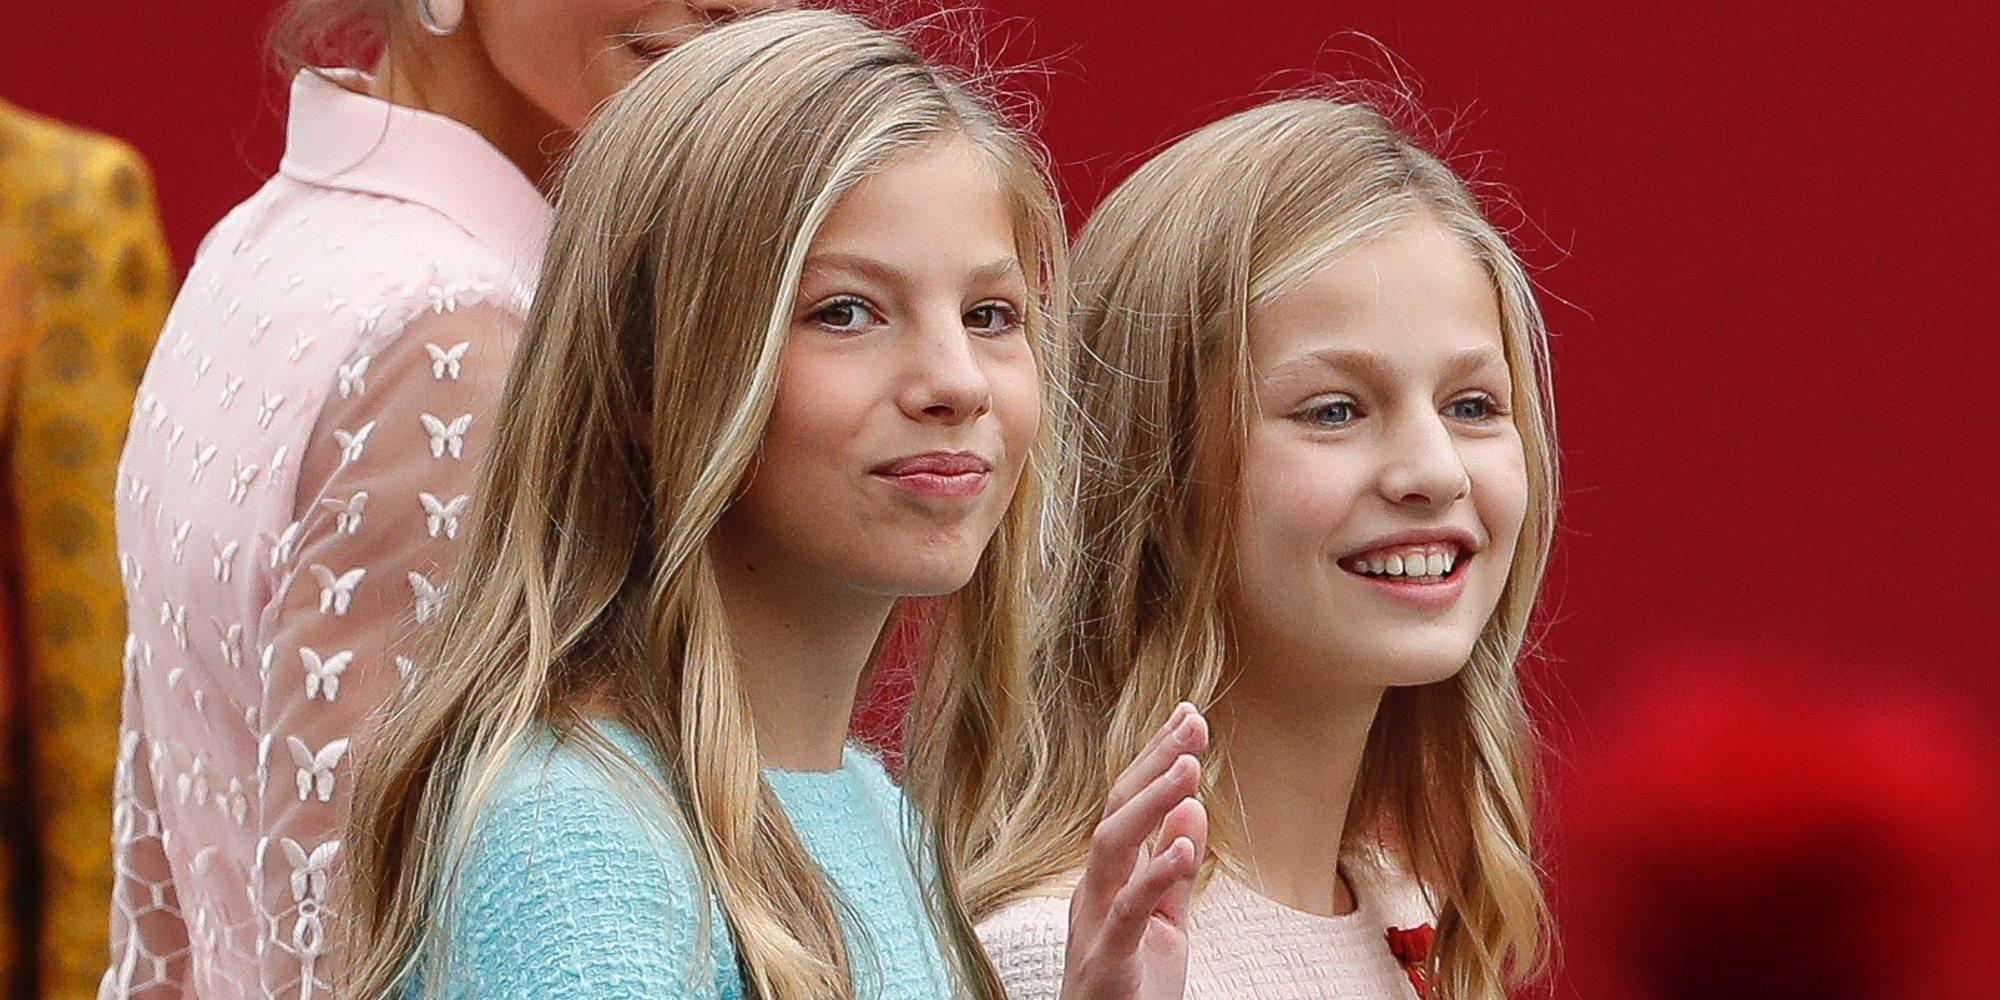 El Día de la Hispanidad 2019, marcado por un gran susto y las sonrisas de la Princesa Leonor y la Infanta Sofía